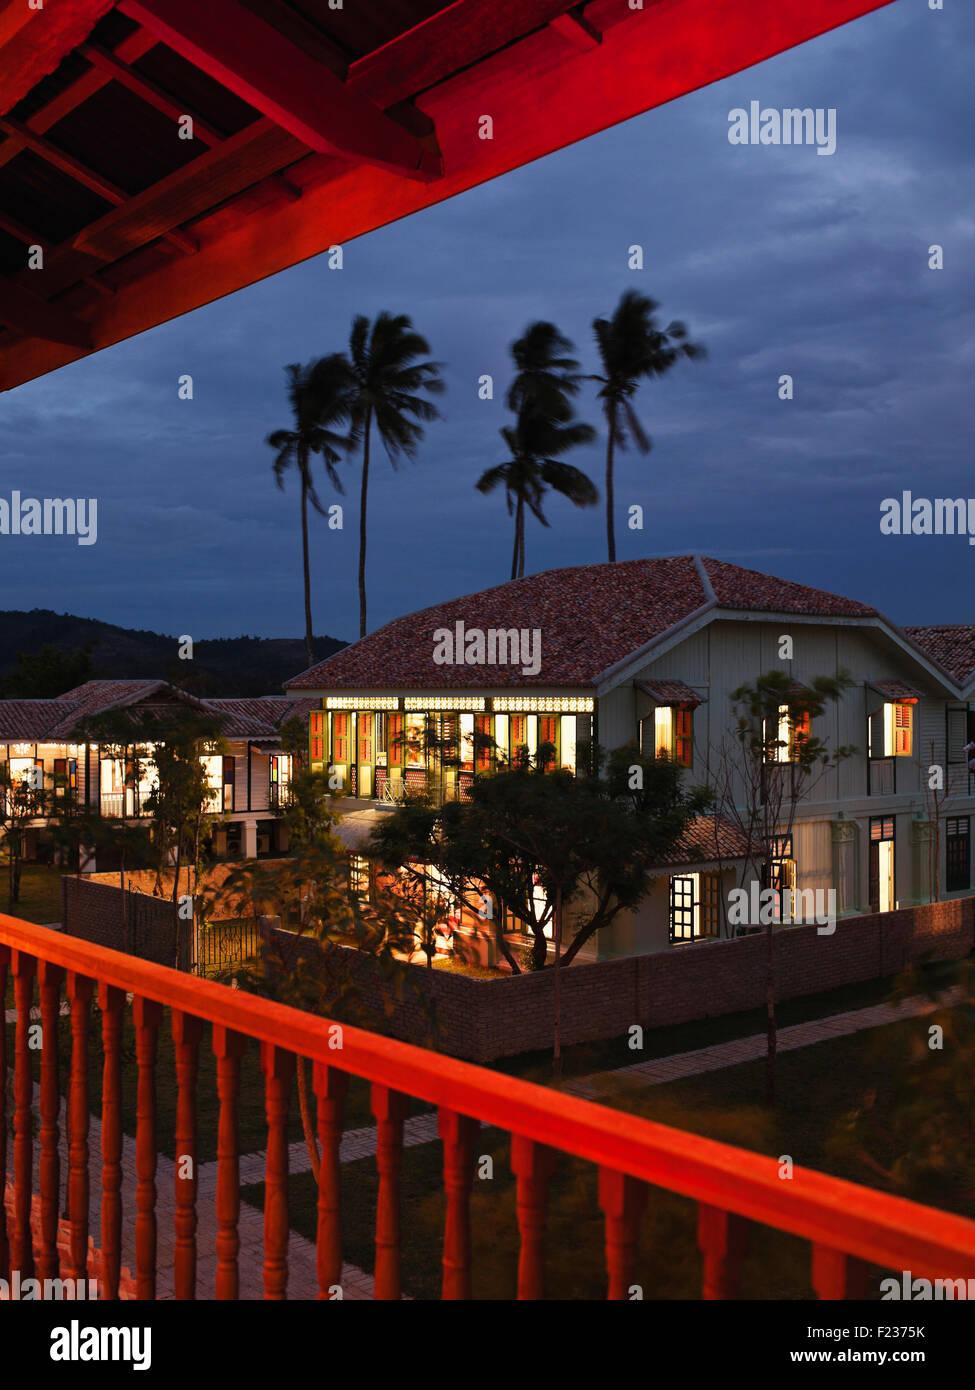 Abenddämmerung Blick über das Anwesen an das Temple Tree at Bon Ton Resort. Langkawi, Malaysia. Antikes Stockbild